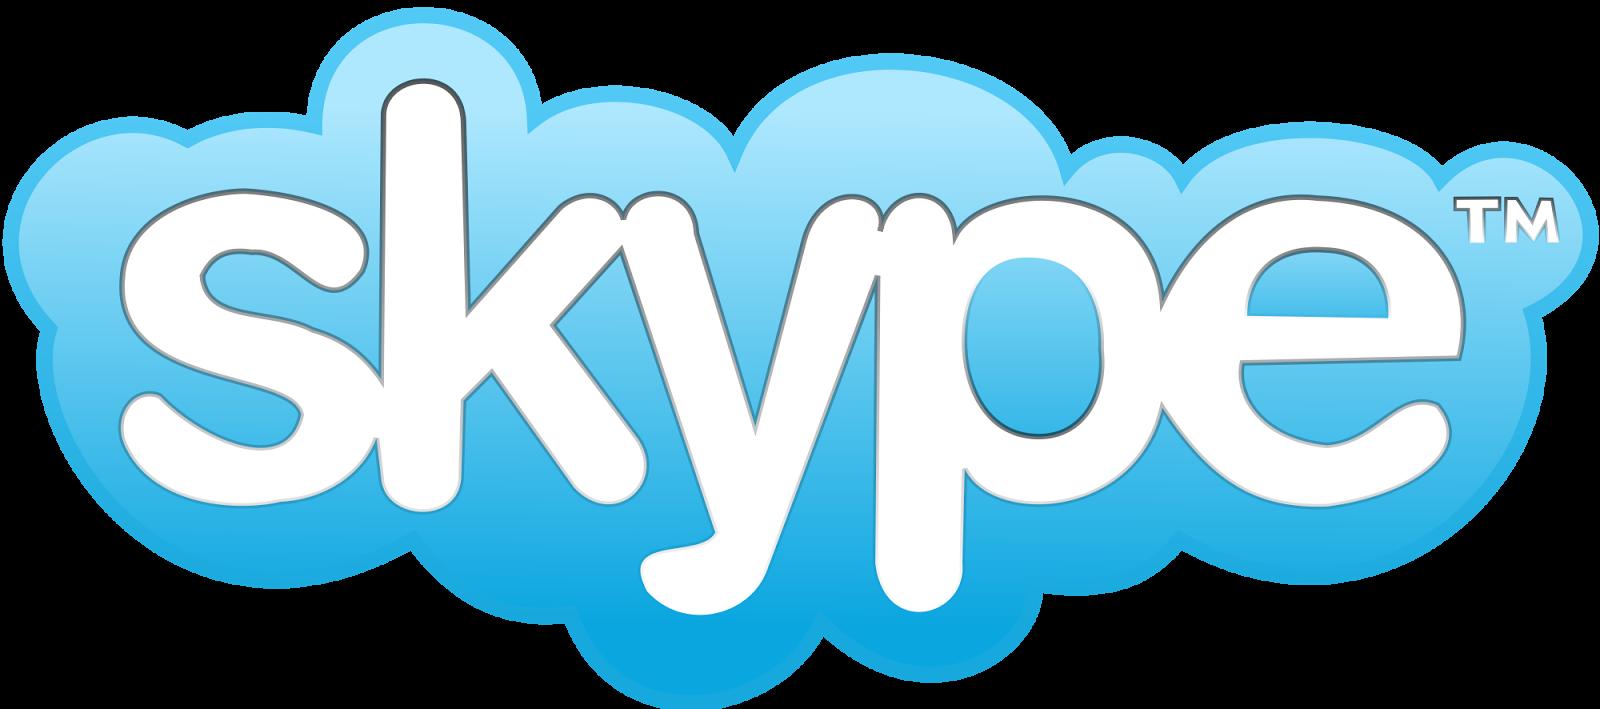 Come sapere se qualcuno ha Skype 1